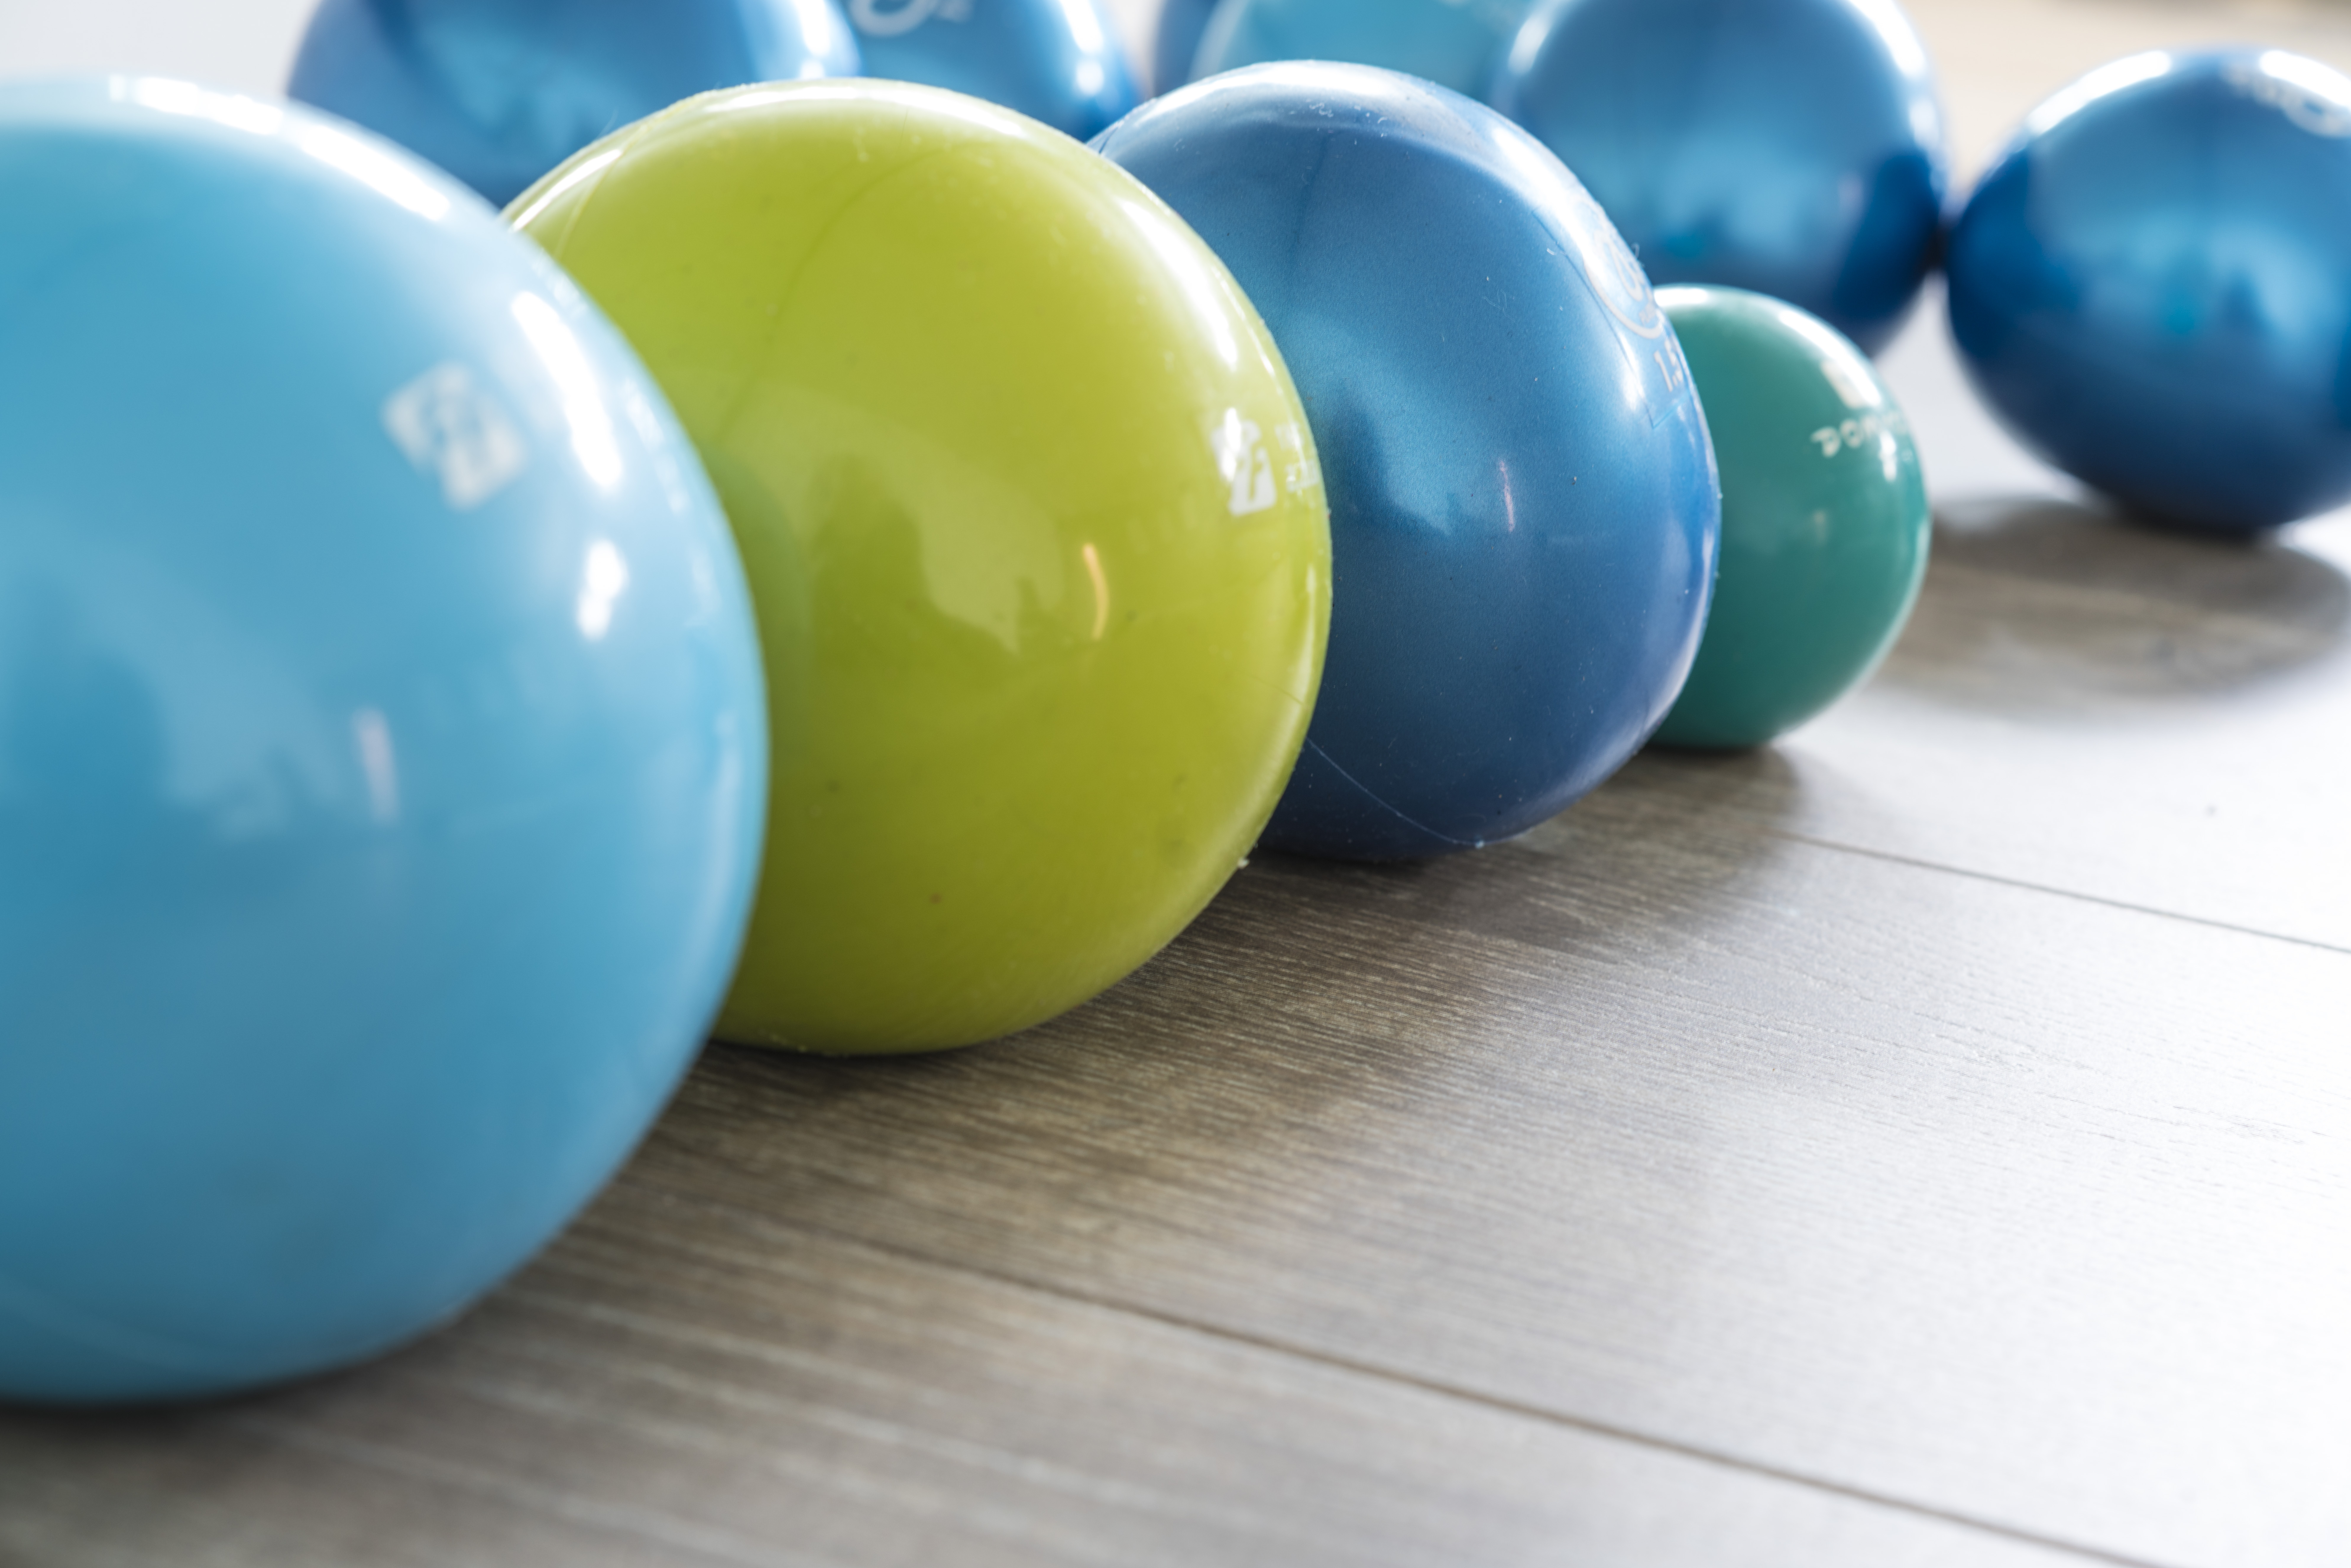 Pilates exercise balls